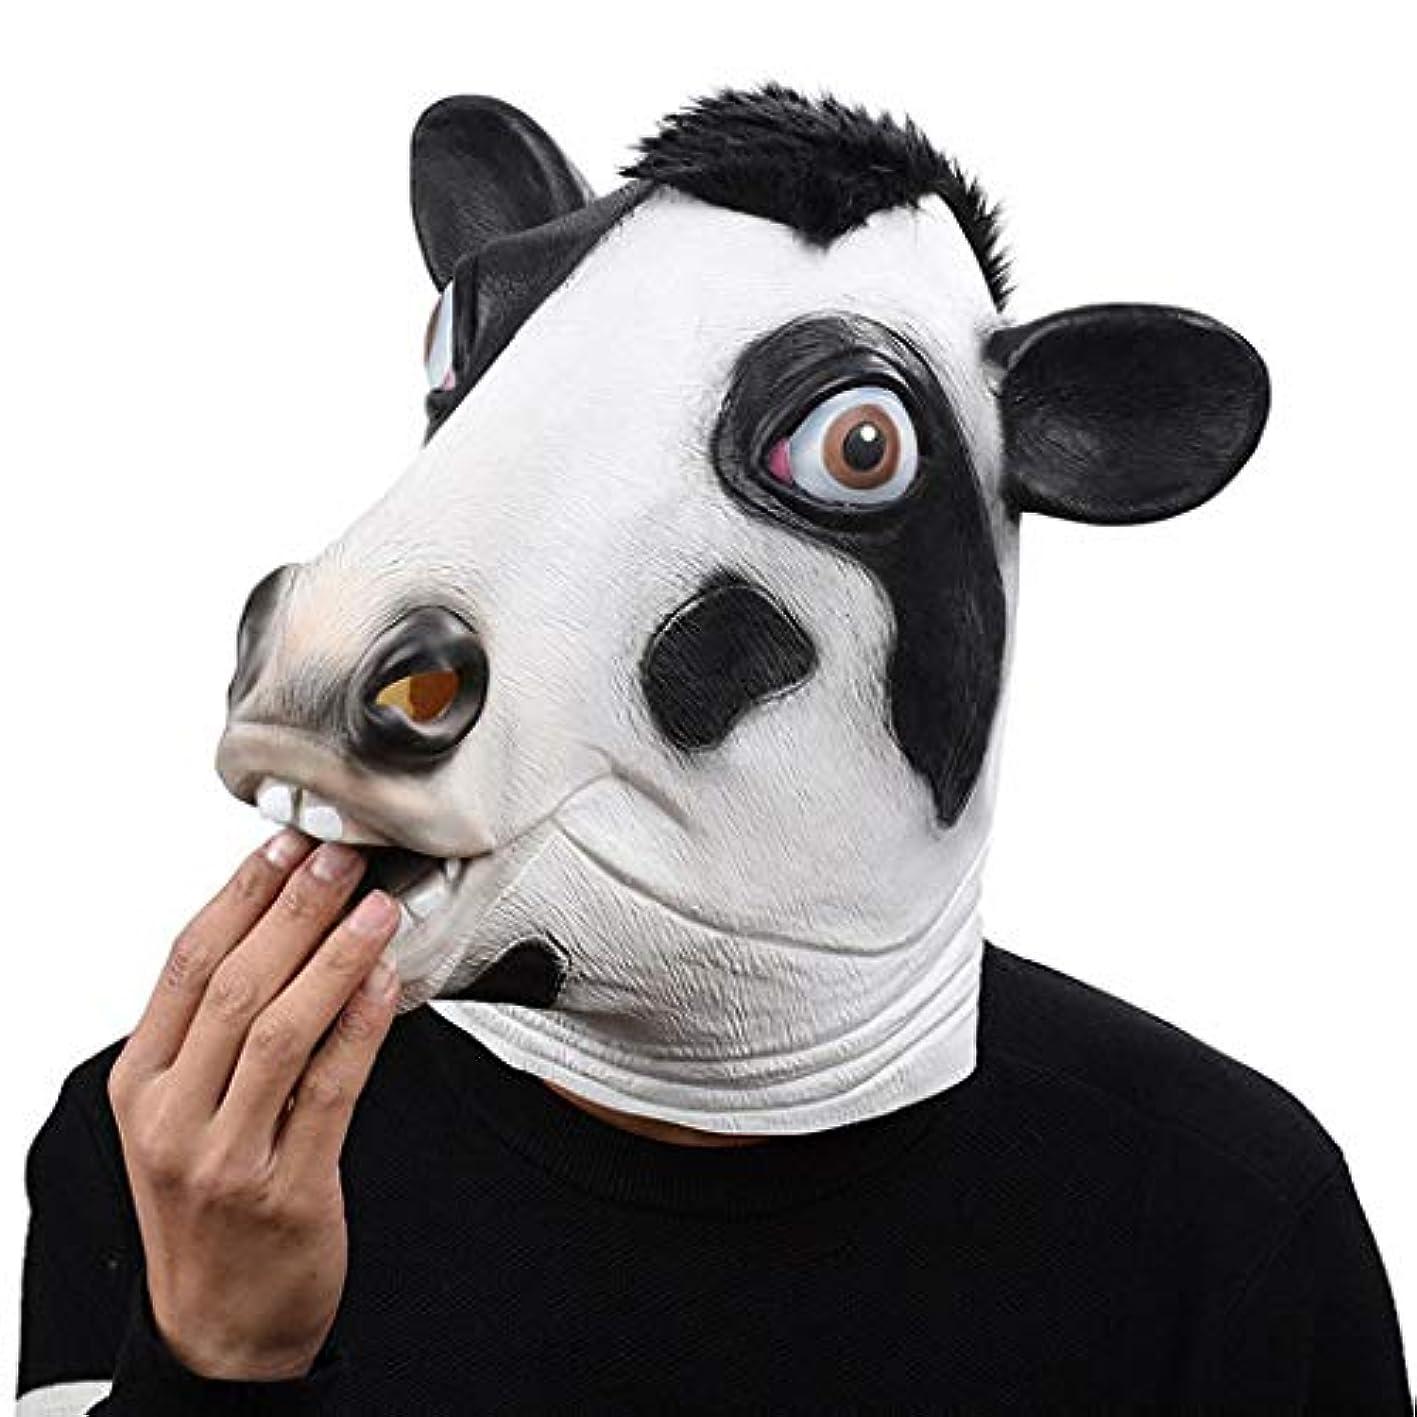 石化するエスニック懲戒ハロウィンマスククリスマスボール牛スタイリングマスクパーティーマスクゲーム面白いパーティー用品